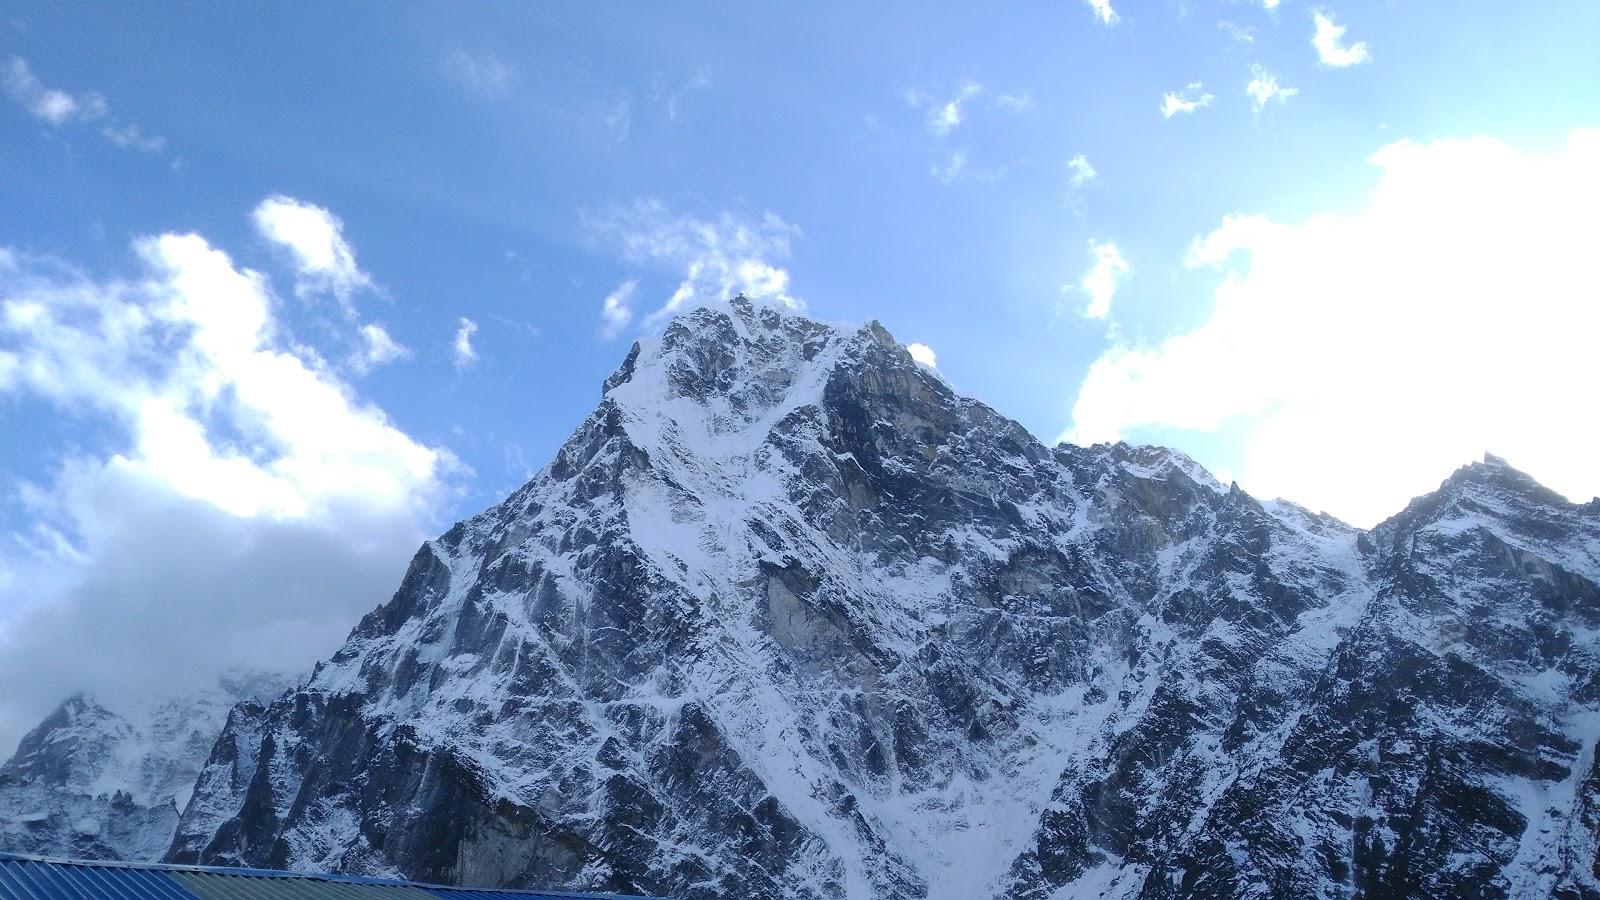 Información Campo Base Las Rutas Recomendaciones Trek Everest De Y xoCQrdeWB